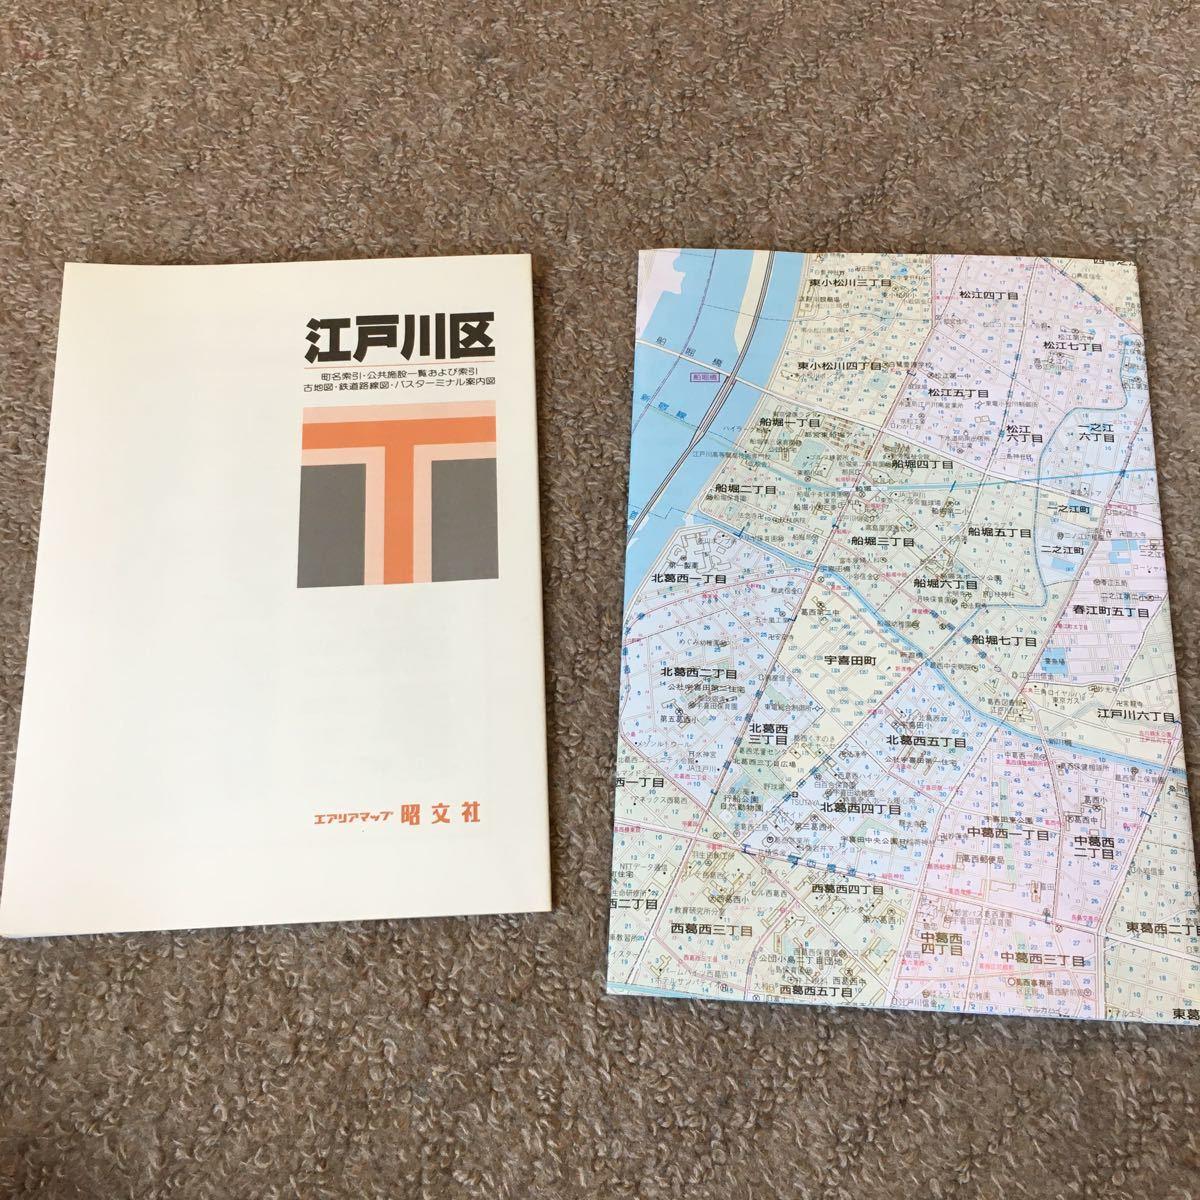 【中古】東京都区分地図 江戸川区 エリアマップ 昭文社 1999年_画像5